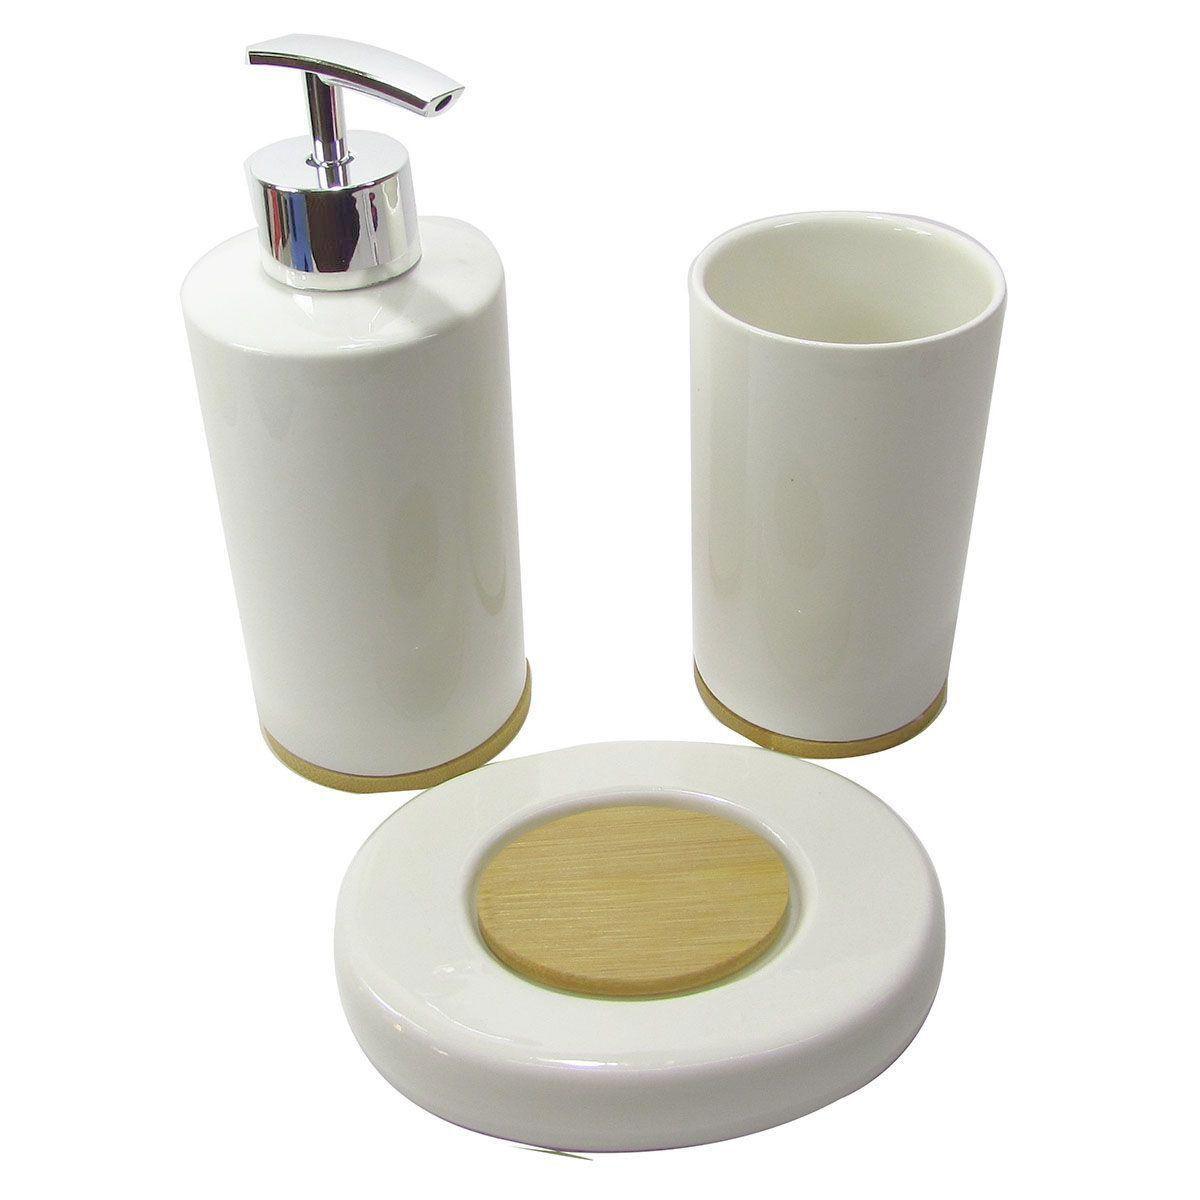 Jogo de banheiro em porcelana com bambu 3 peças